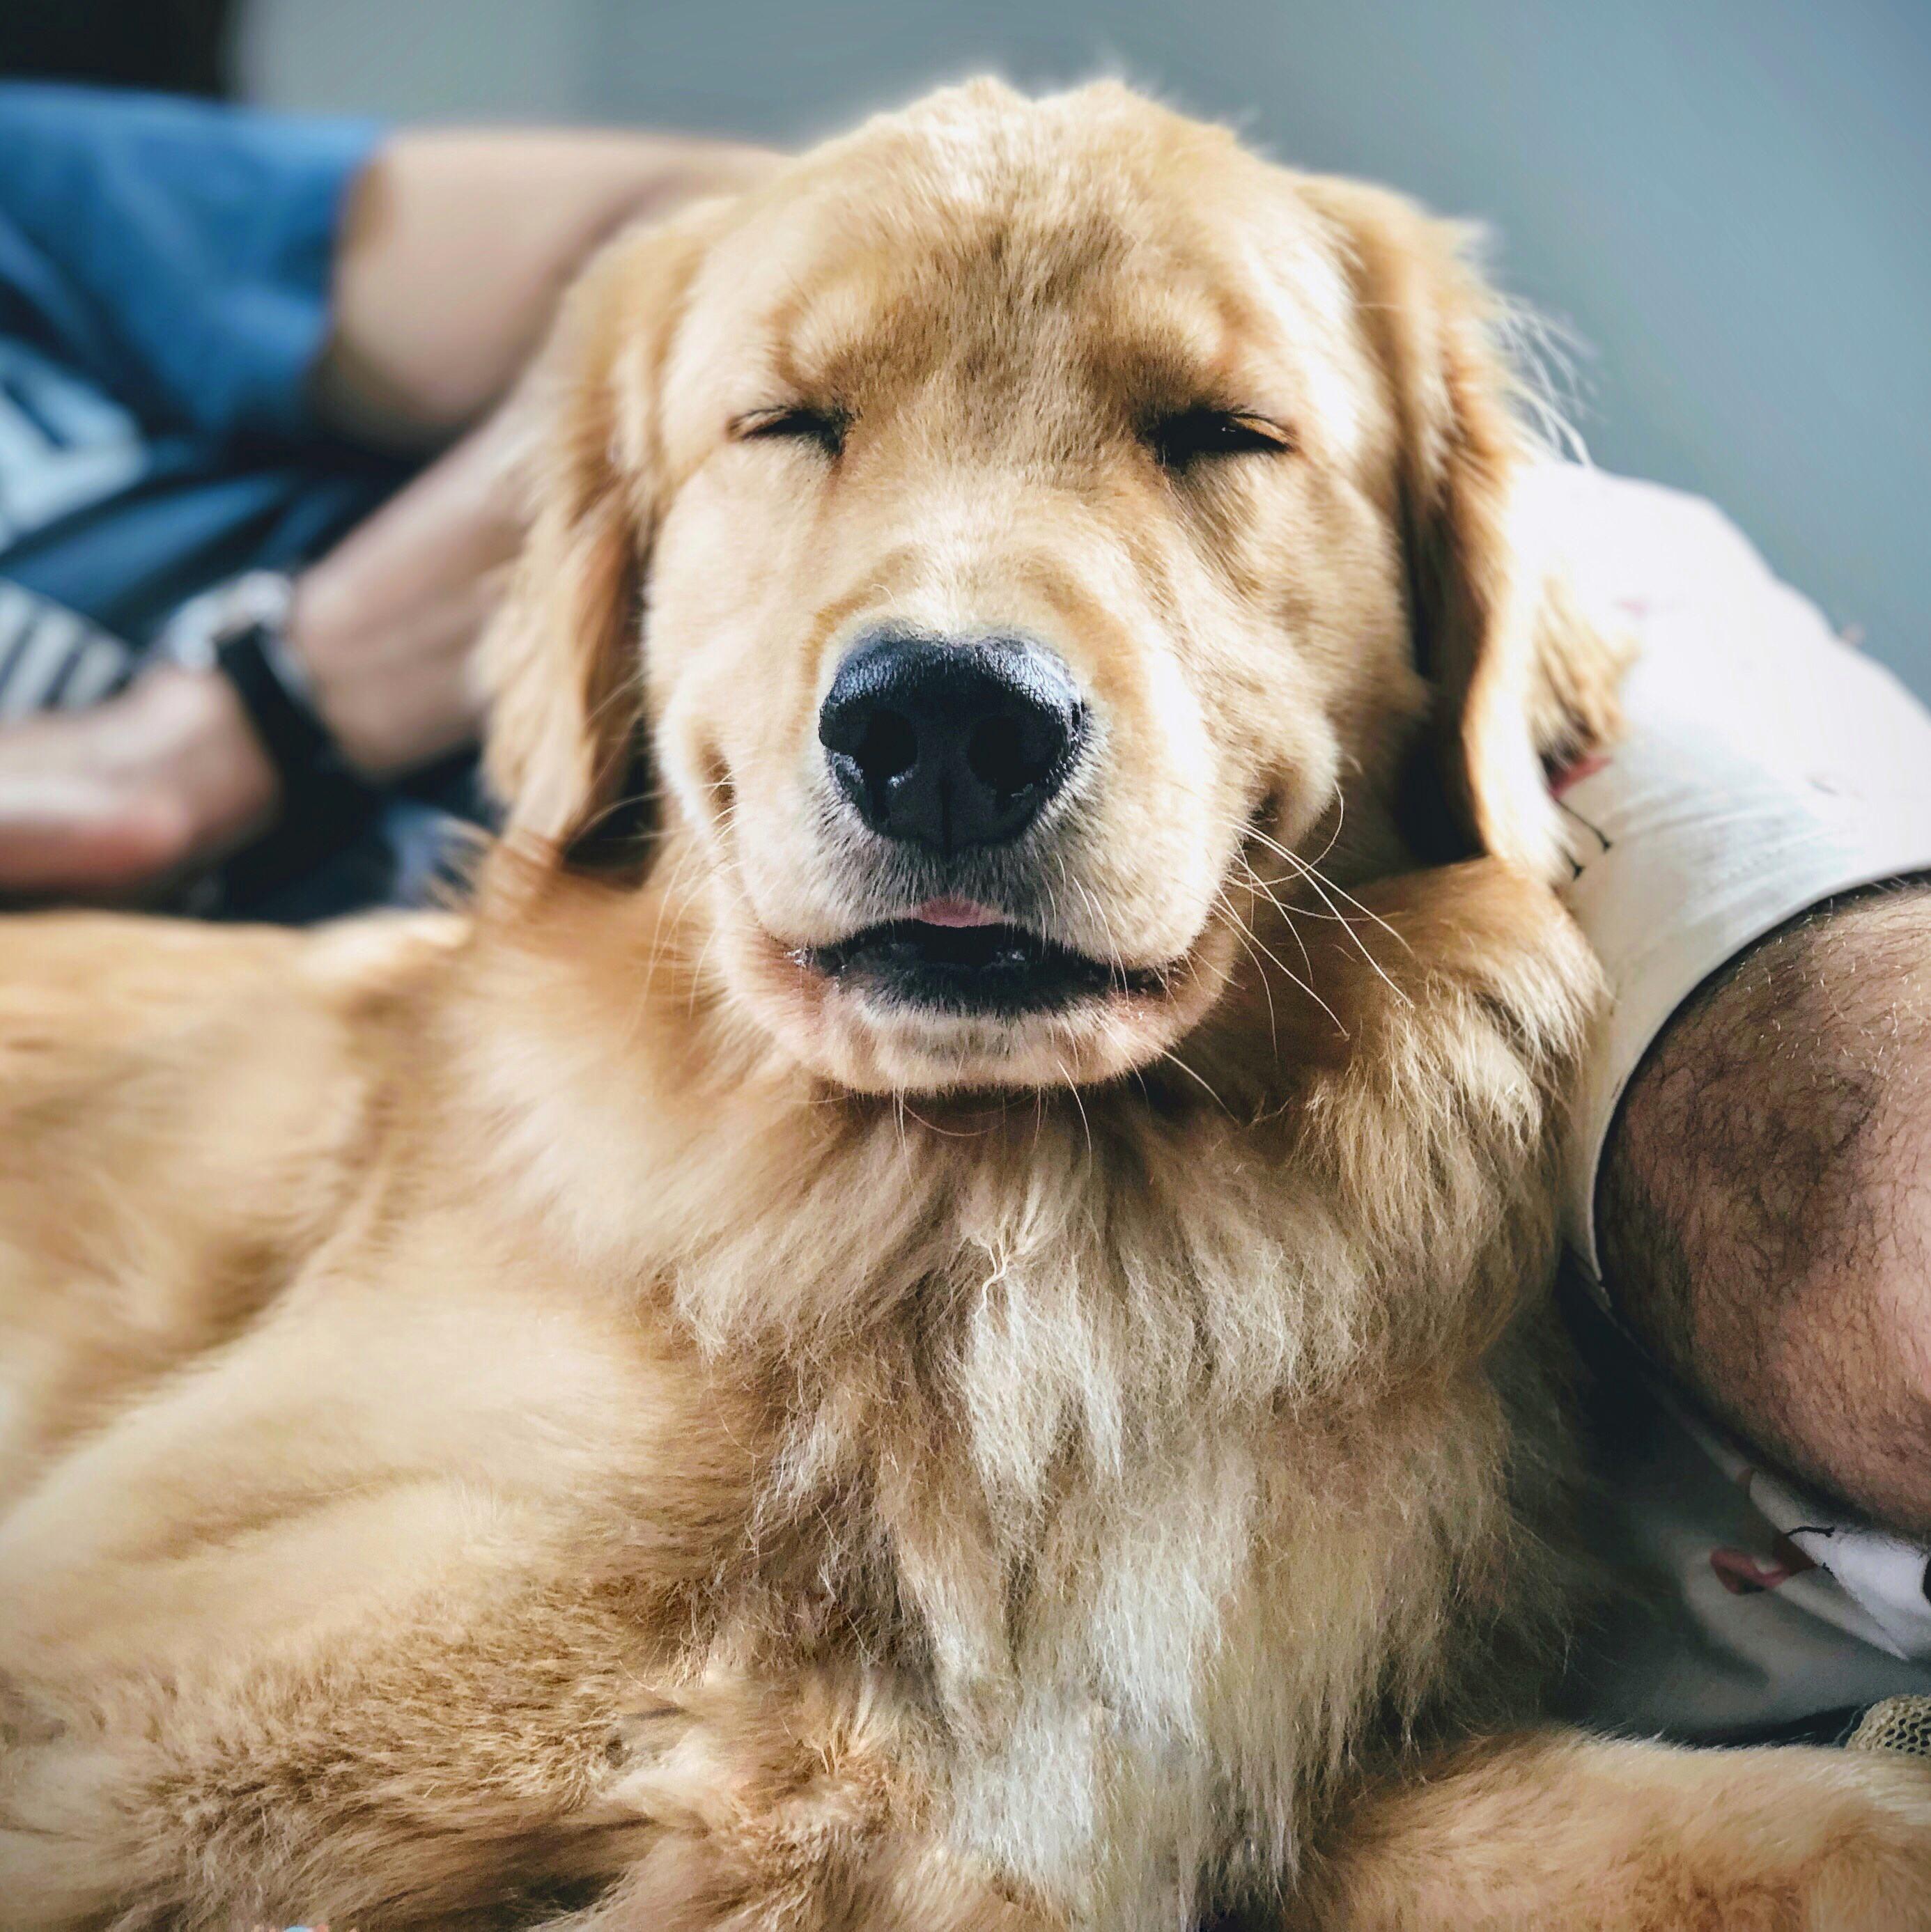 Pin Von Len Hnsl Auf Dogs Susse Hunde Tiere Hund Und Hunde